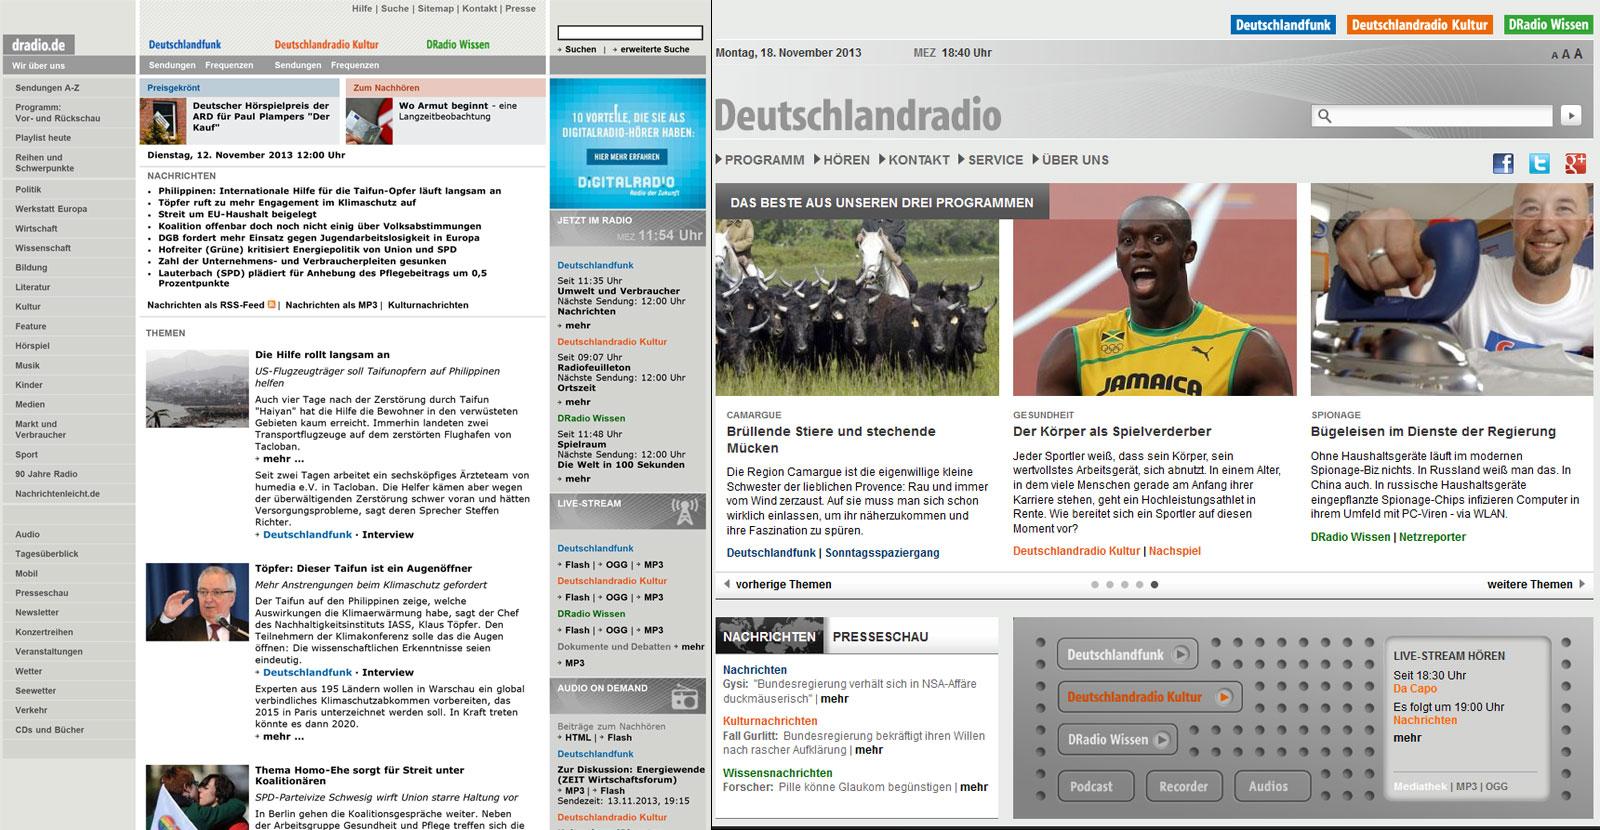 Webseite des Deutschlandradios (links: vor dem Relaunch; rechts: nach dem Relaunch)